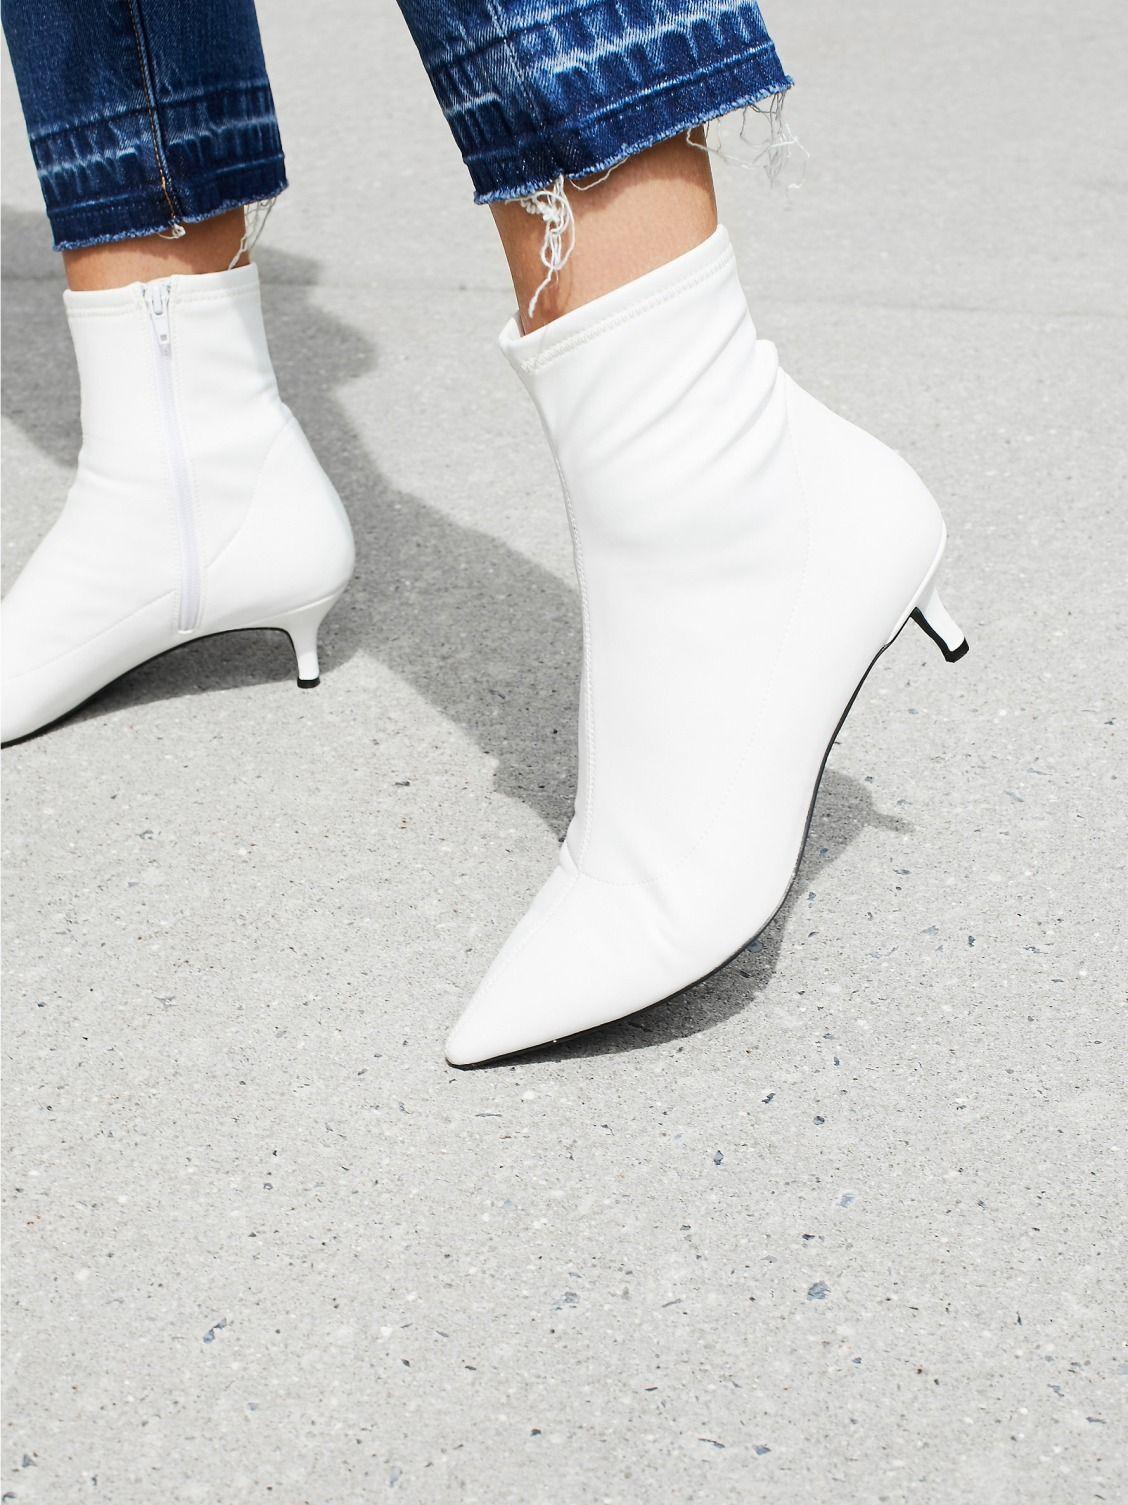 Marilyn Kitten Heel Boot Kitten Heel Boots White Boots Boots